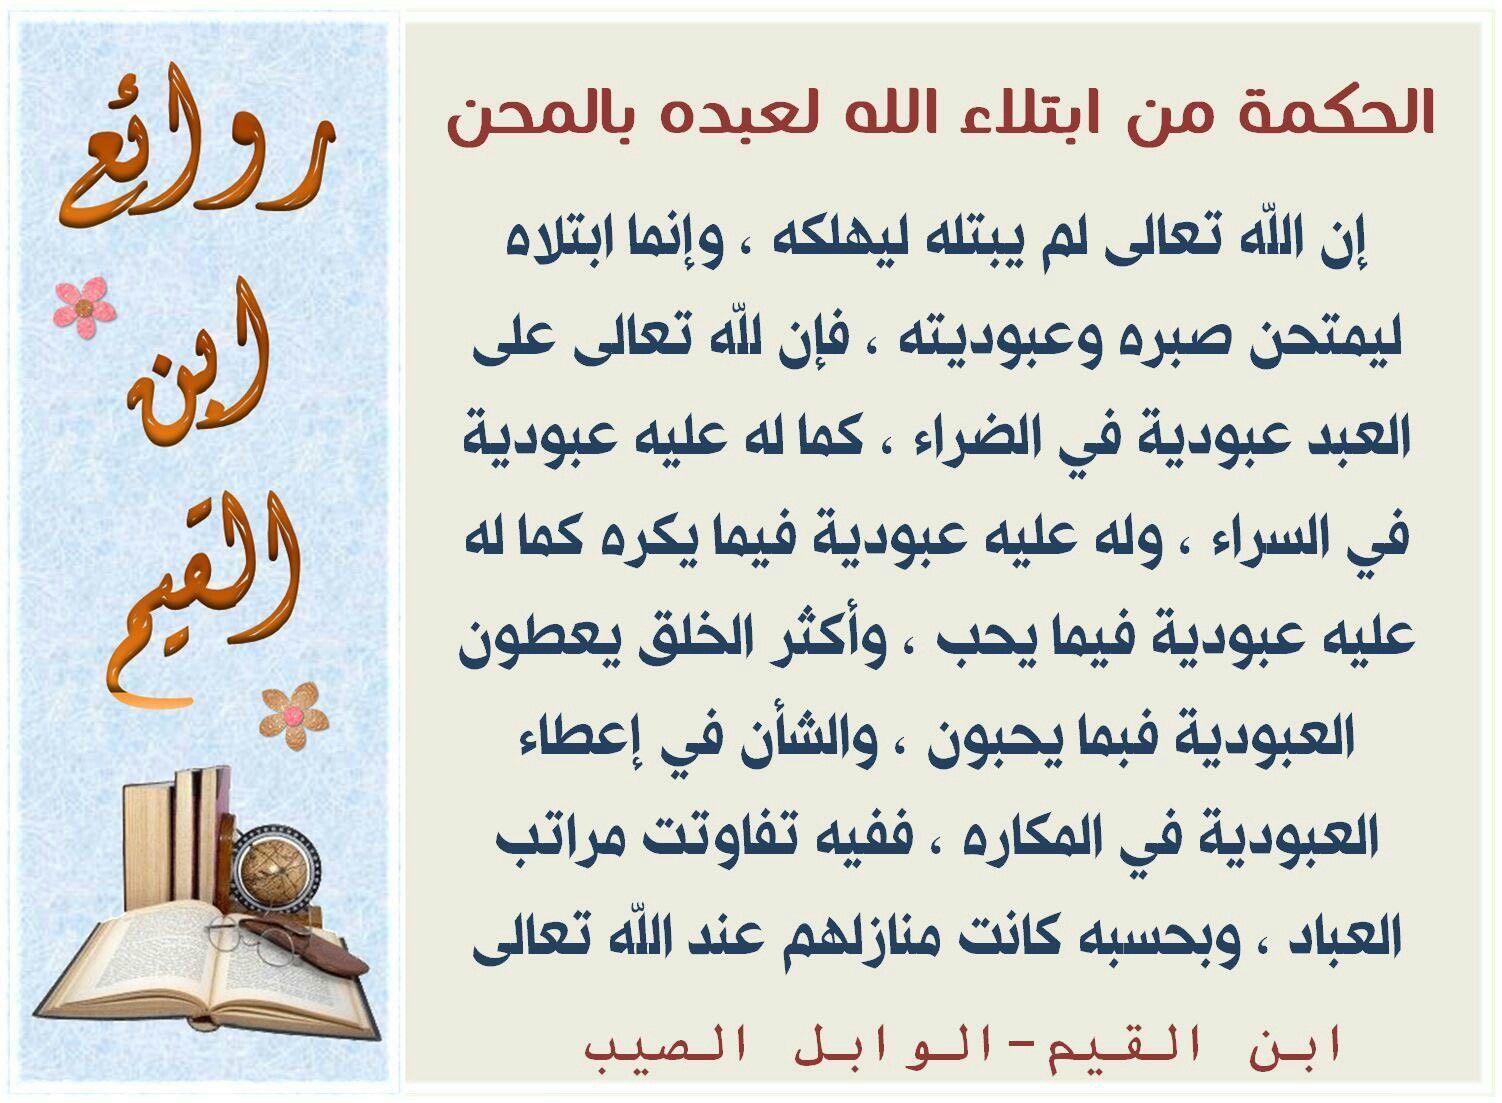 الابتلاء و الرضا بالقدر Bullet Journal Arabic Quran